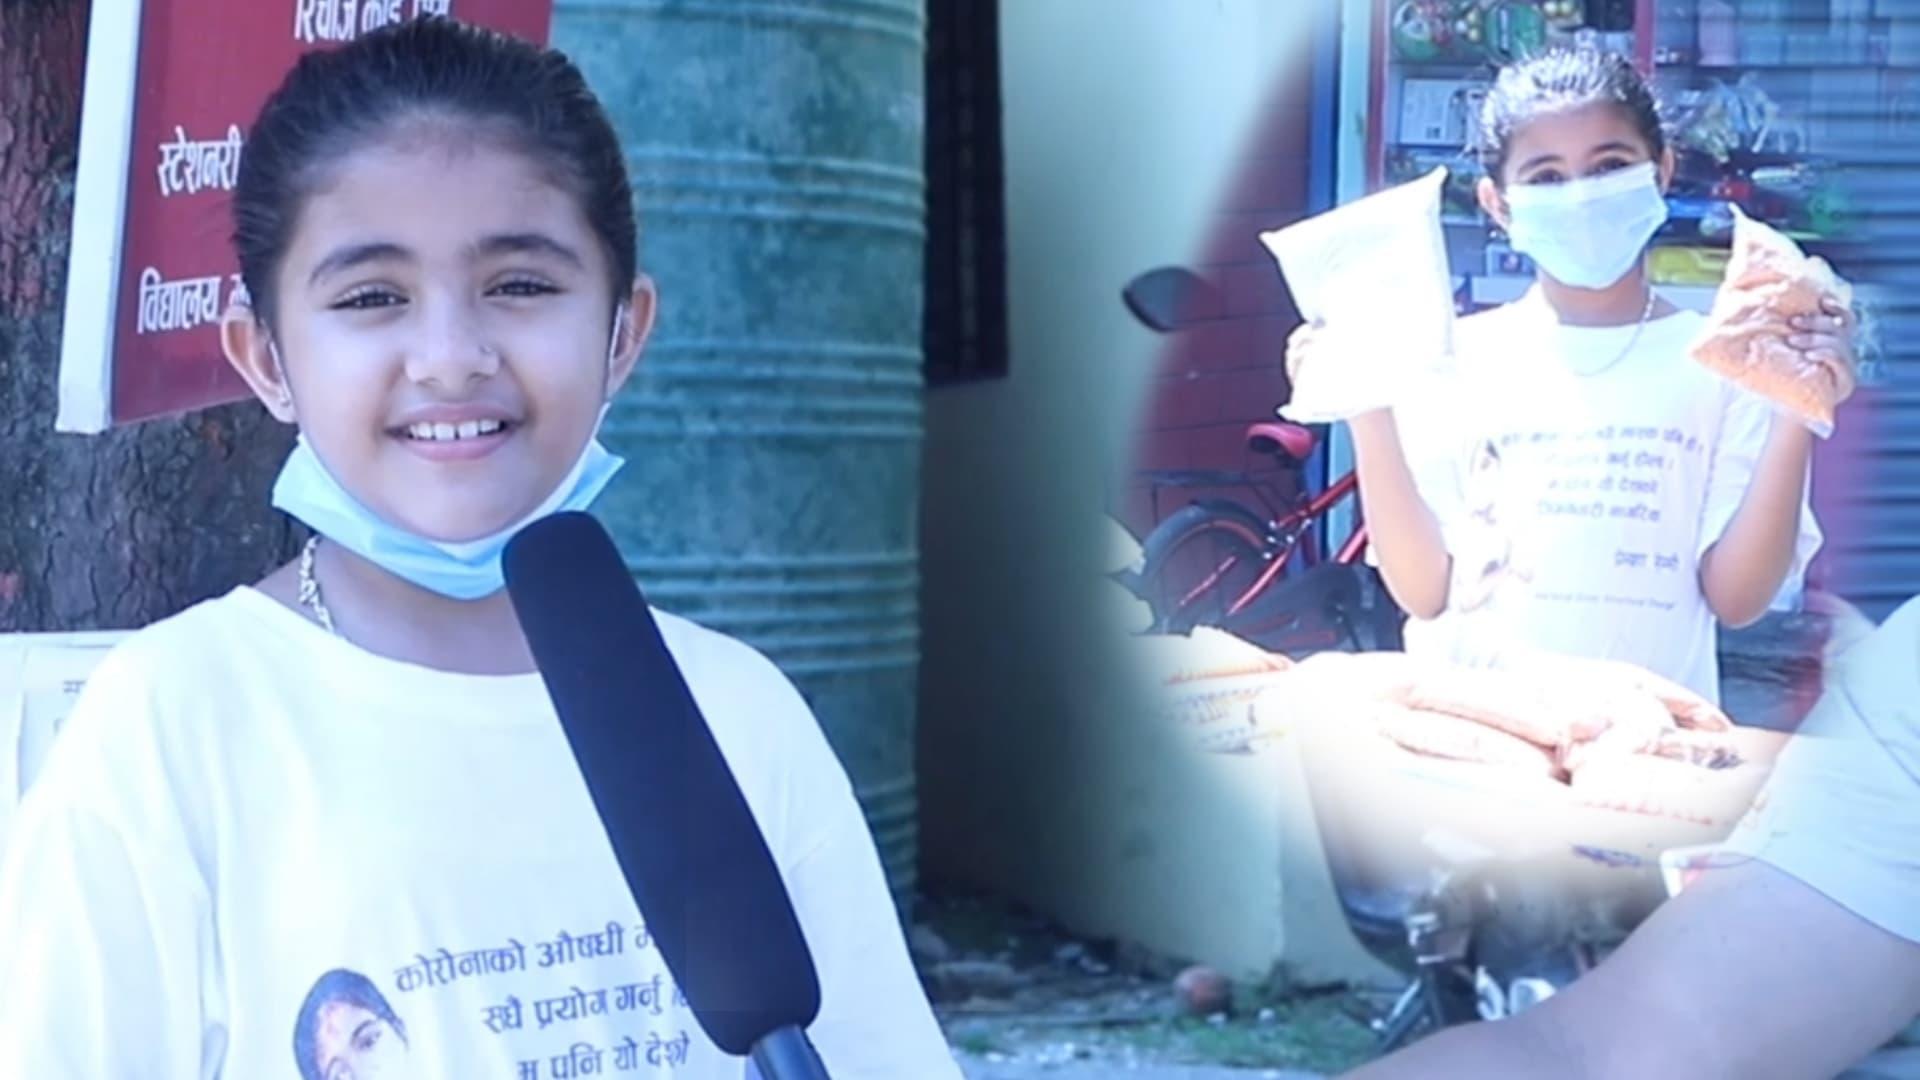 पोखरामा ८ बर्षीया बालिकाको 'भोक उपचार केन्द्रः हुनेले दिन, नहुनेले लिने (भिडियो)